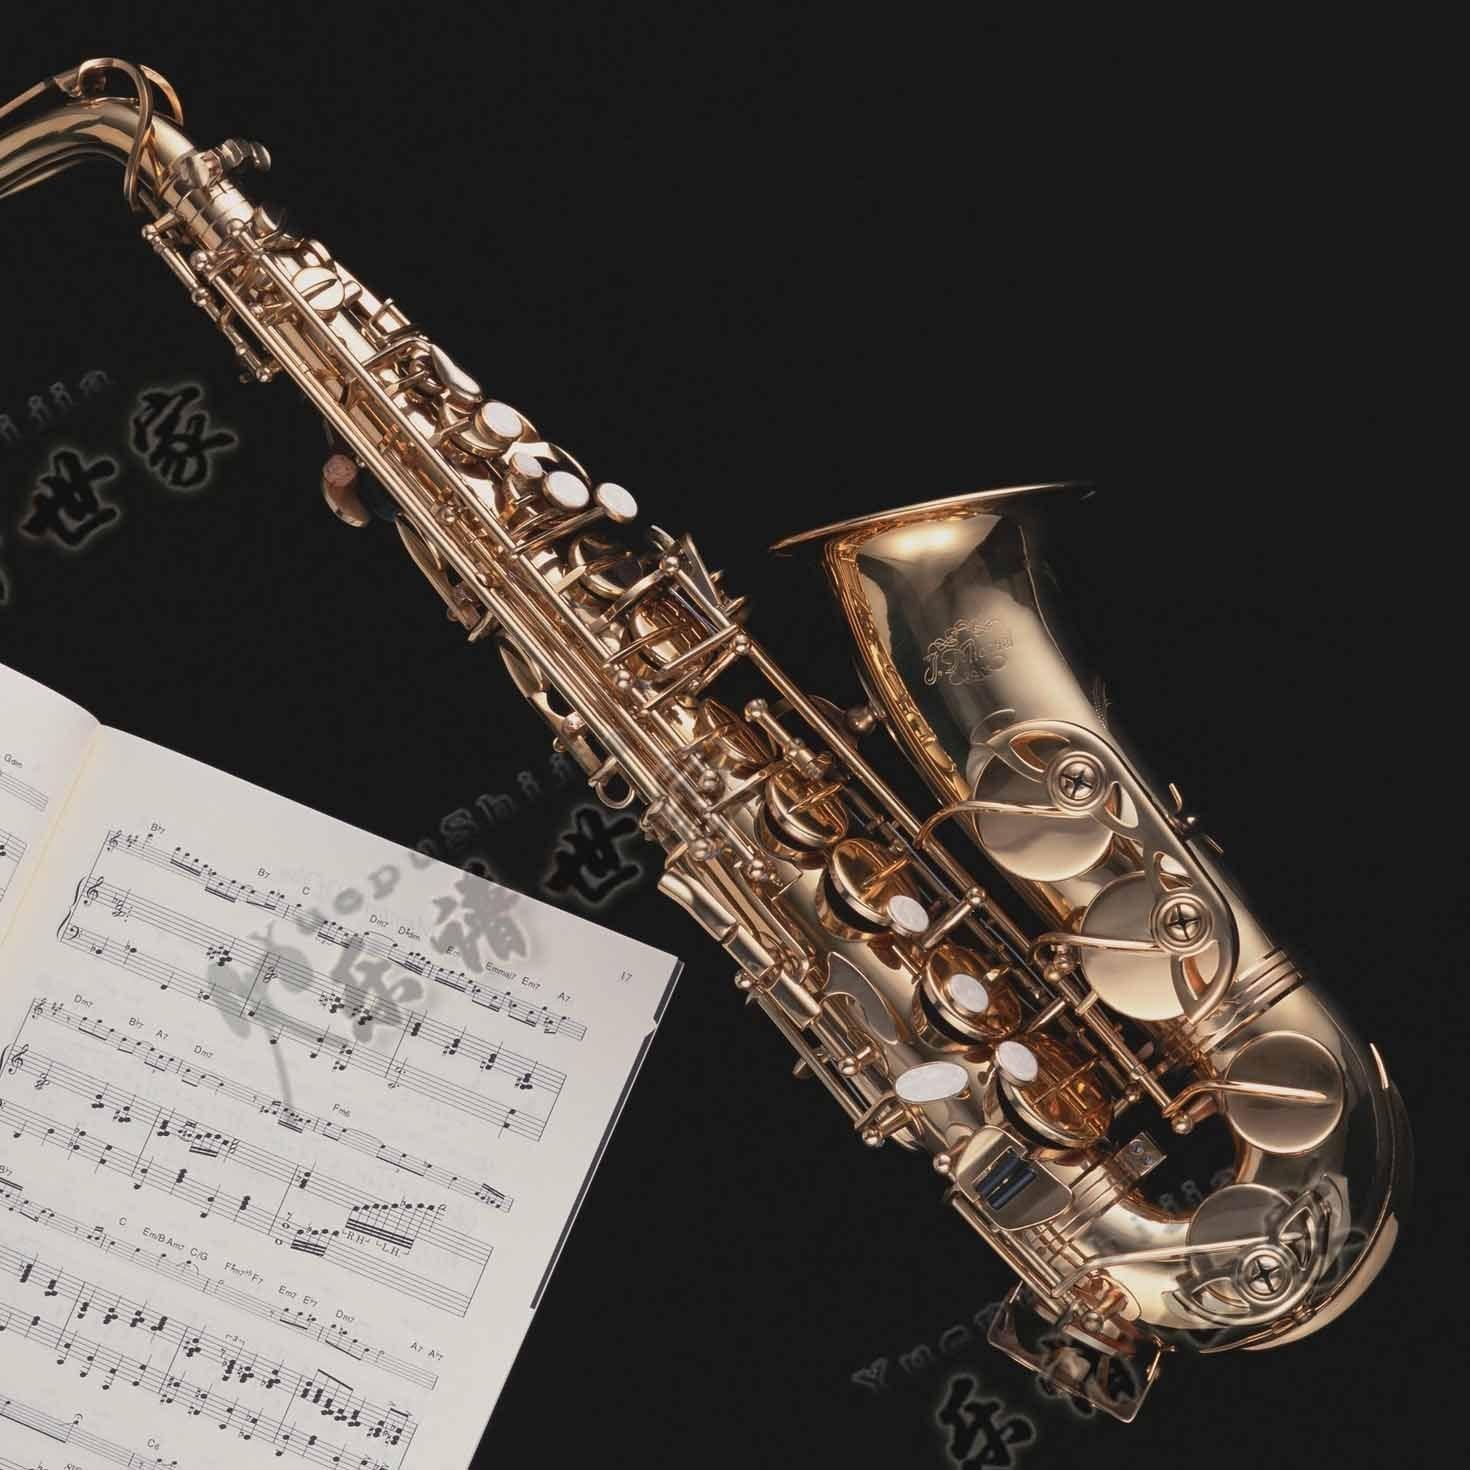 莫扎特小夜曲曲谱哪种好?莫扎特小夜曲曲谱价-小夜曲 莫扎特 小夜曲